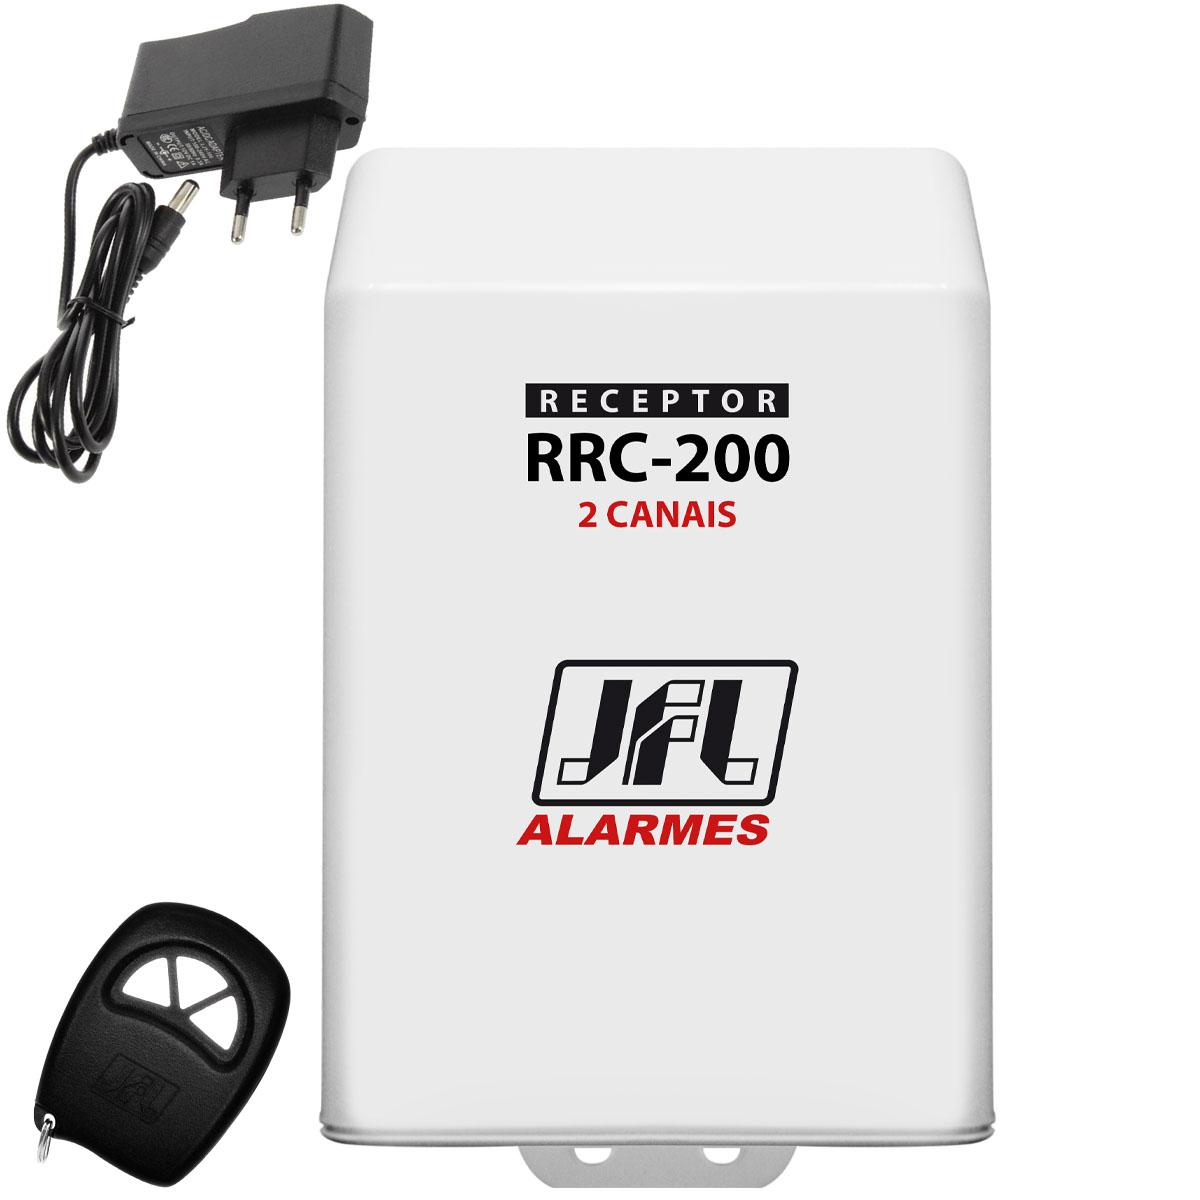 Kit Receptor de 2 Canais Jfl Rrc 200 Com Controle Remoto e Fonte